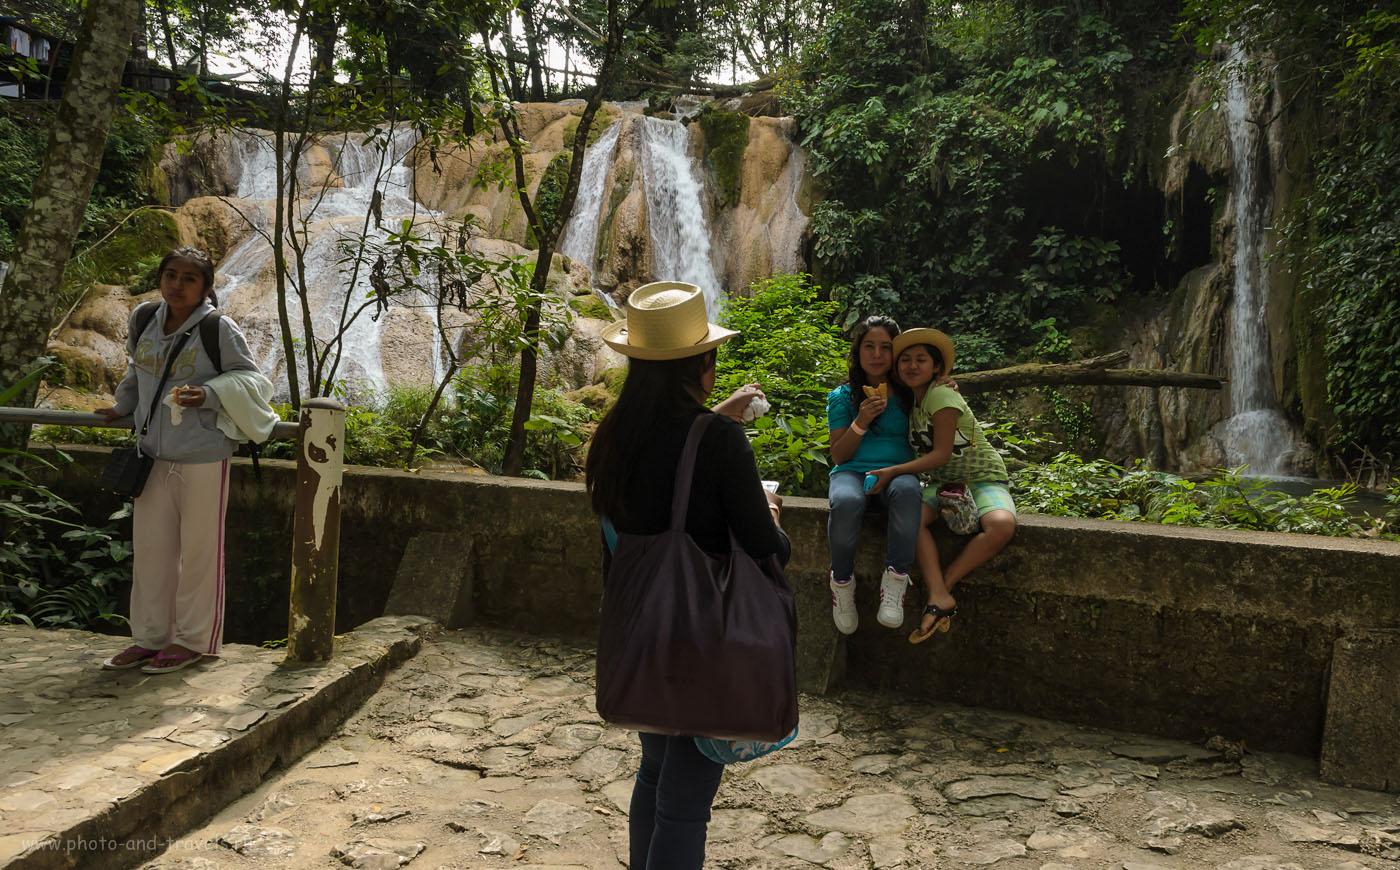 Снимок 4. Фотосессия у водопада Агуа-Асуль (Cascadas de Agua Azul) . Отдых в Мексике в ноябре. Отчеты туристов о самостоятельной поездке по стране.